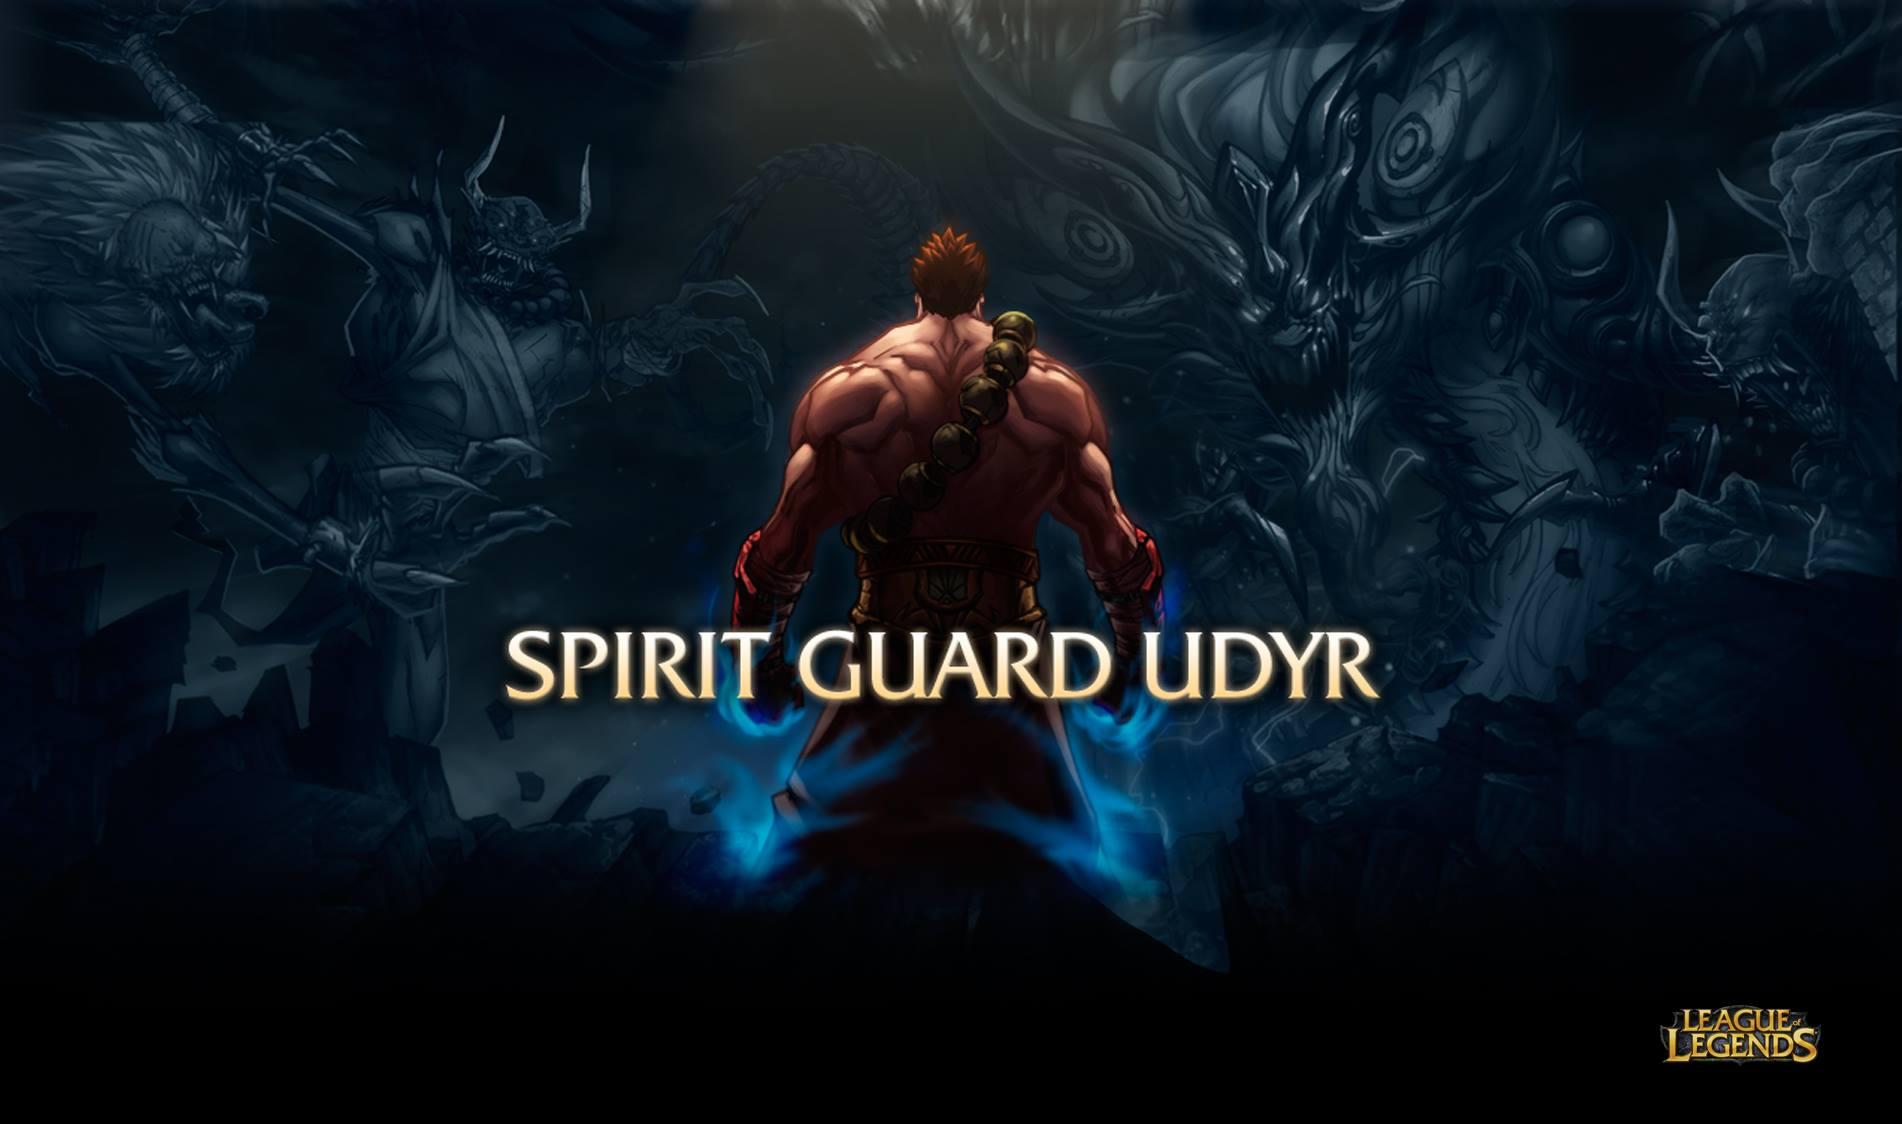 Udyr SpiritGuard Comic Cover 01